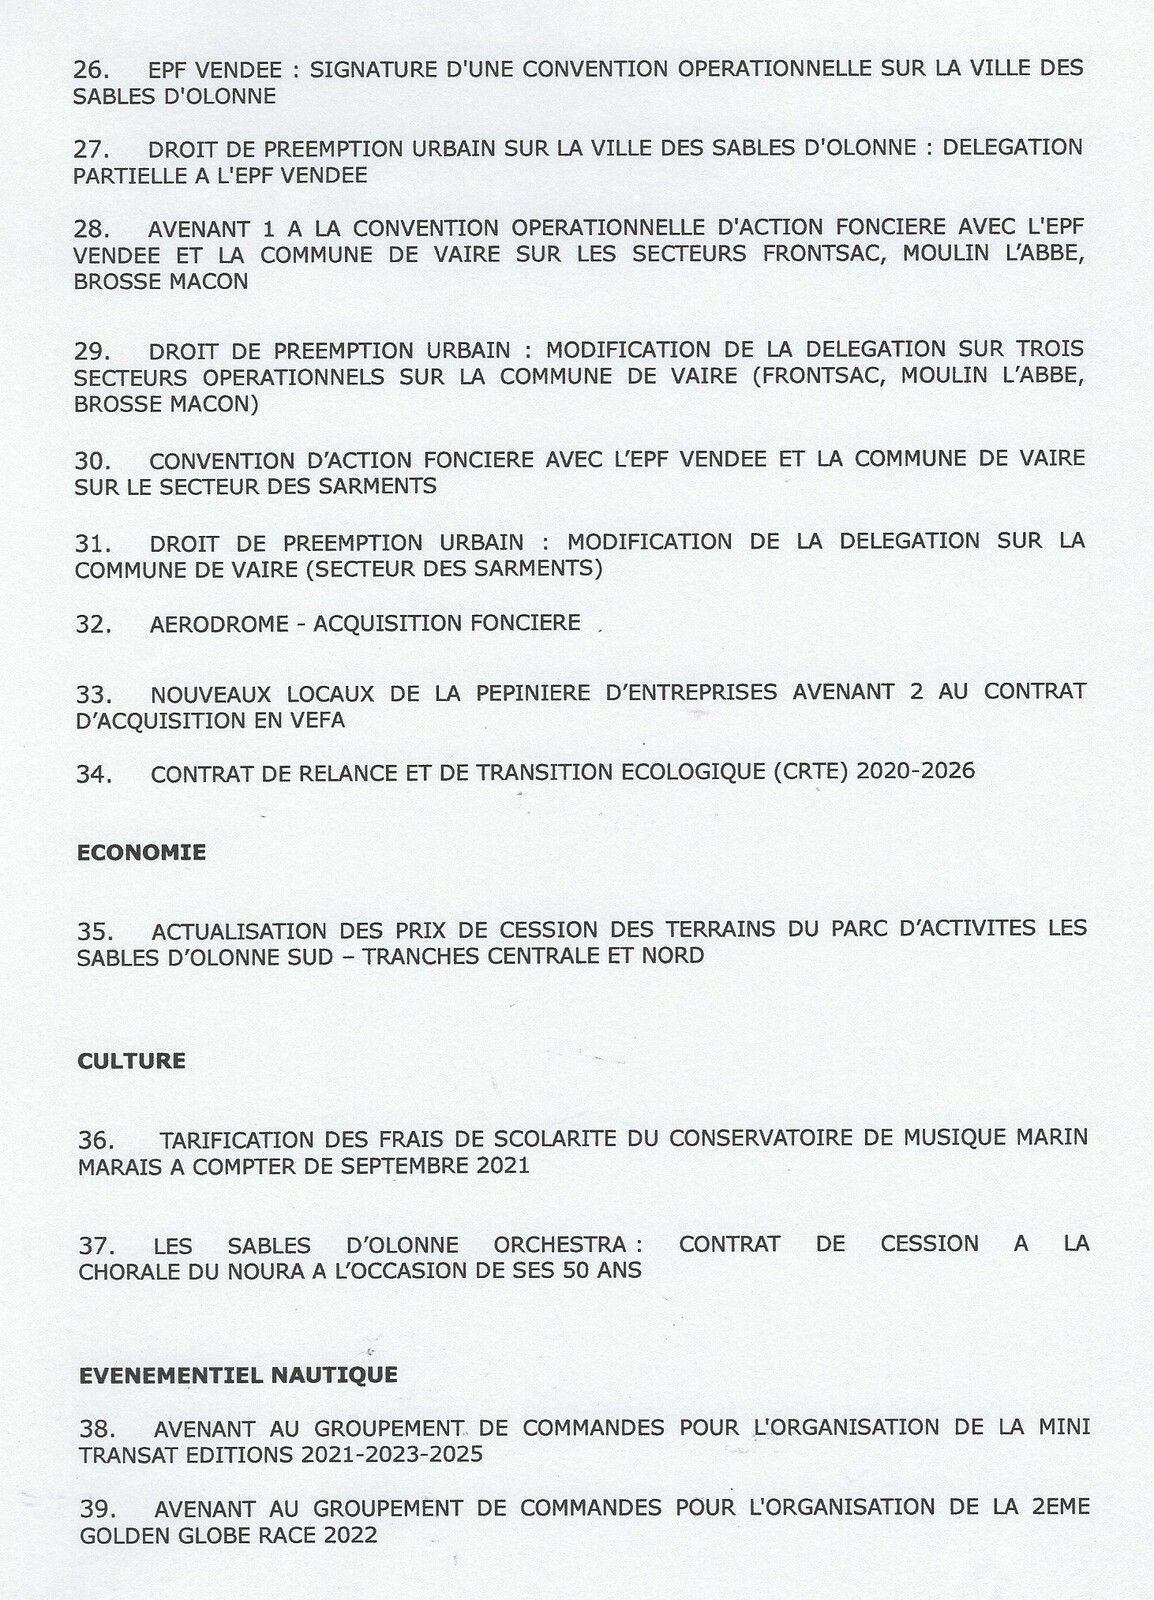 LES SABLES D'OLONNE AGGLOMÉRATION, CONSEIL COMMUNAUTAIRE DU JEUDI 8 JUILLET 2021